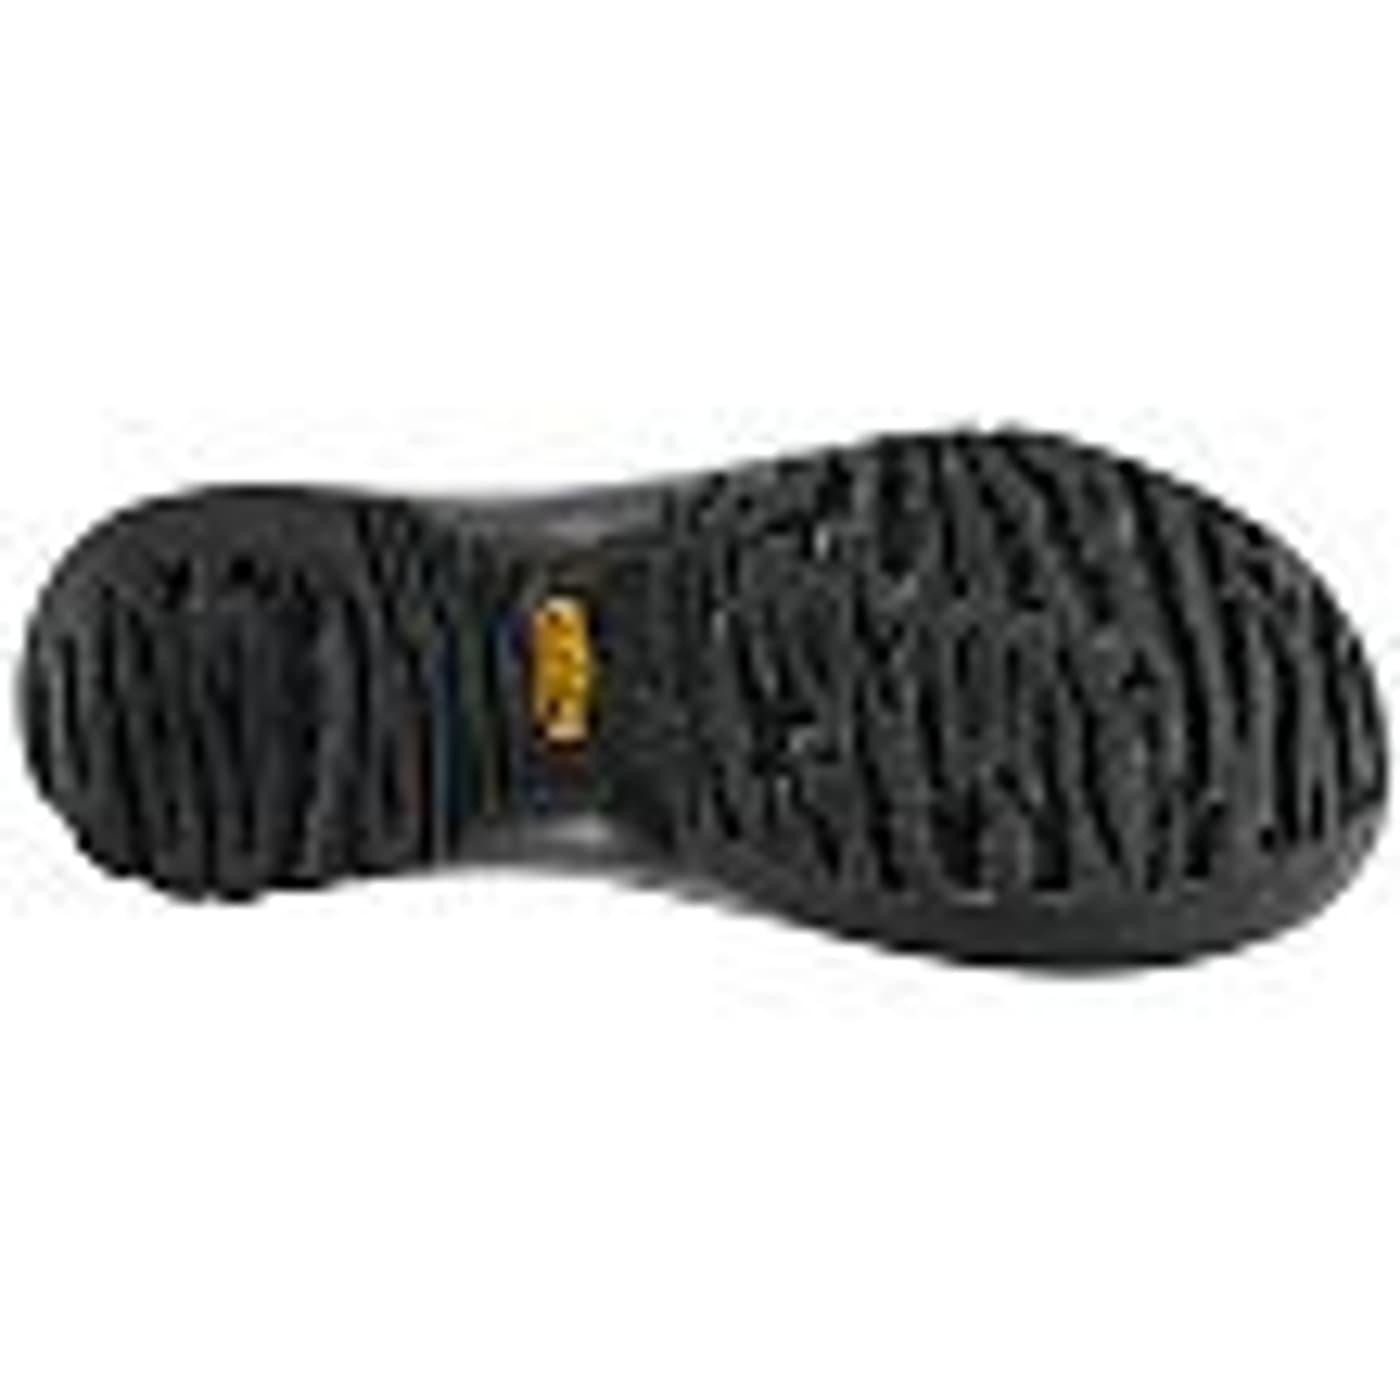 info for 022c5 5255d Keen Whisper Damen-Trekking Sandale